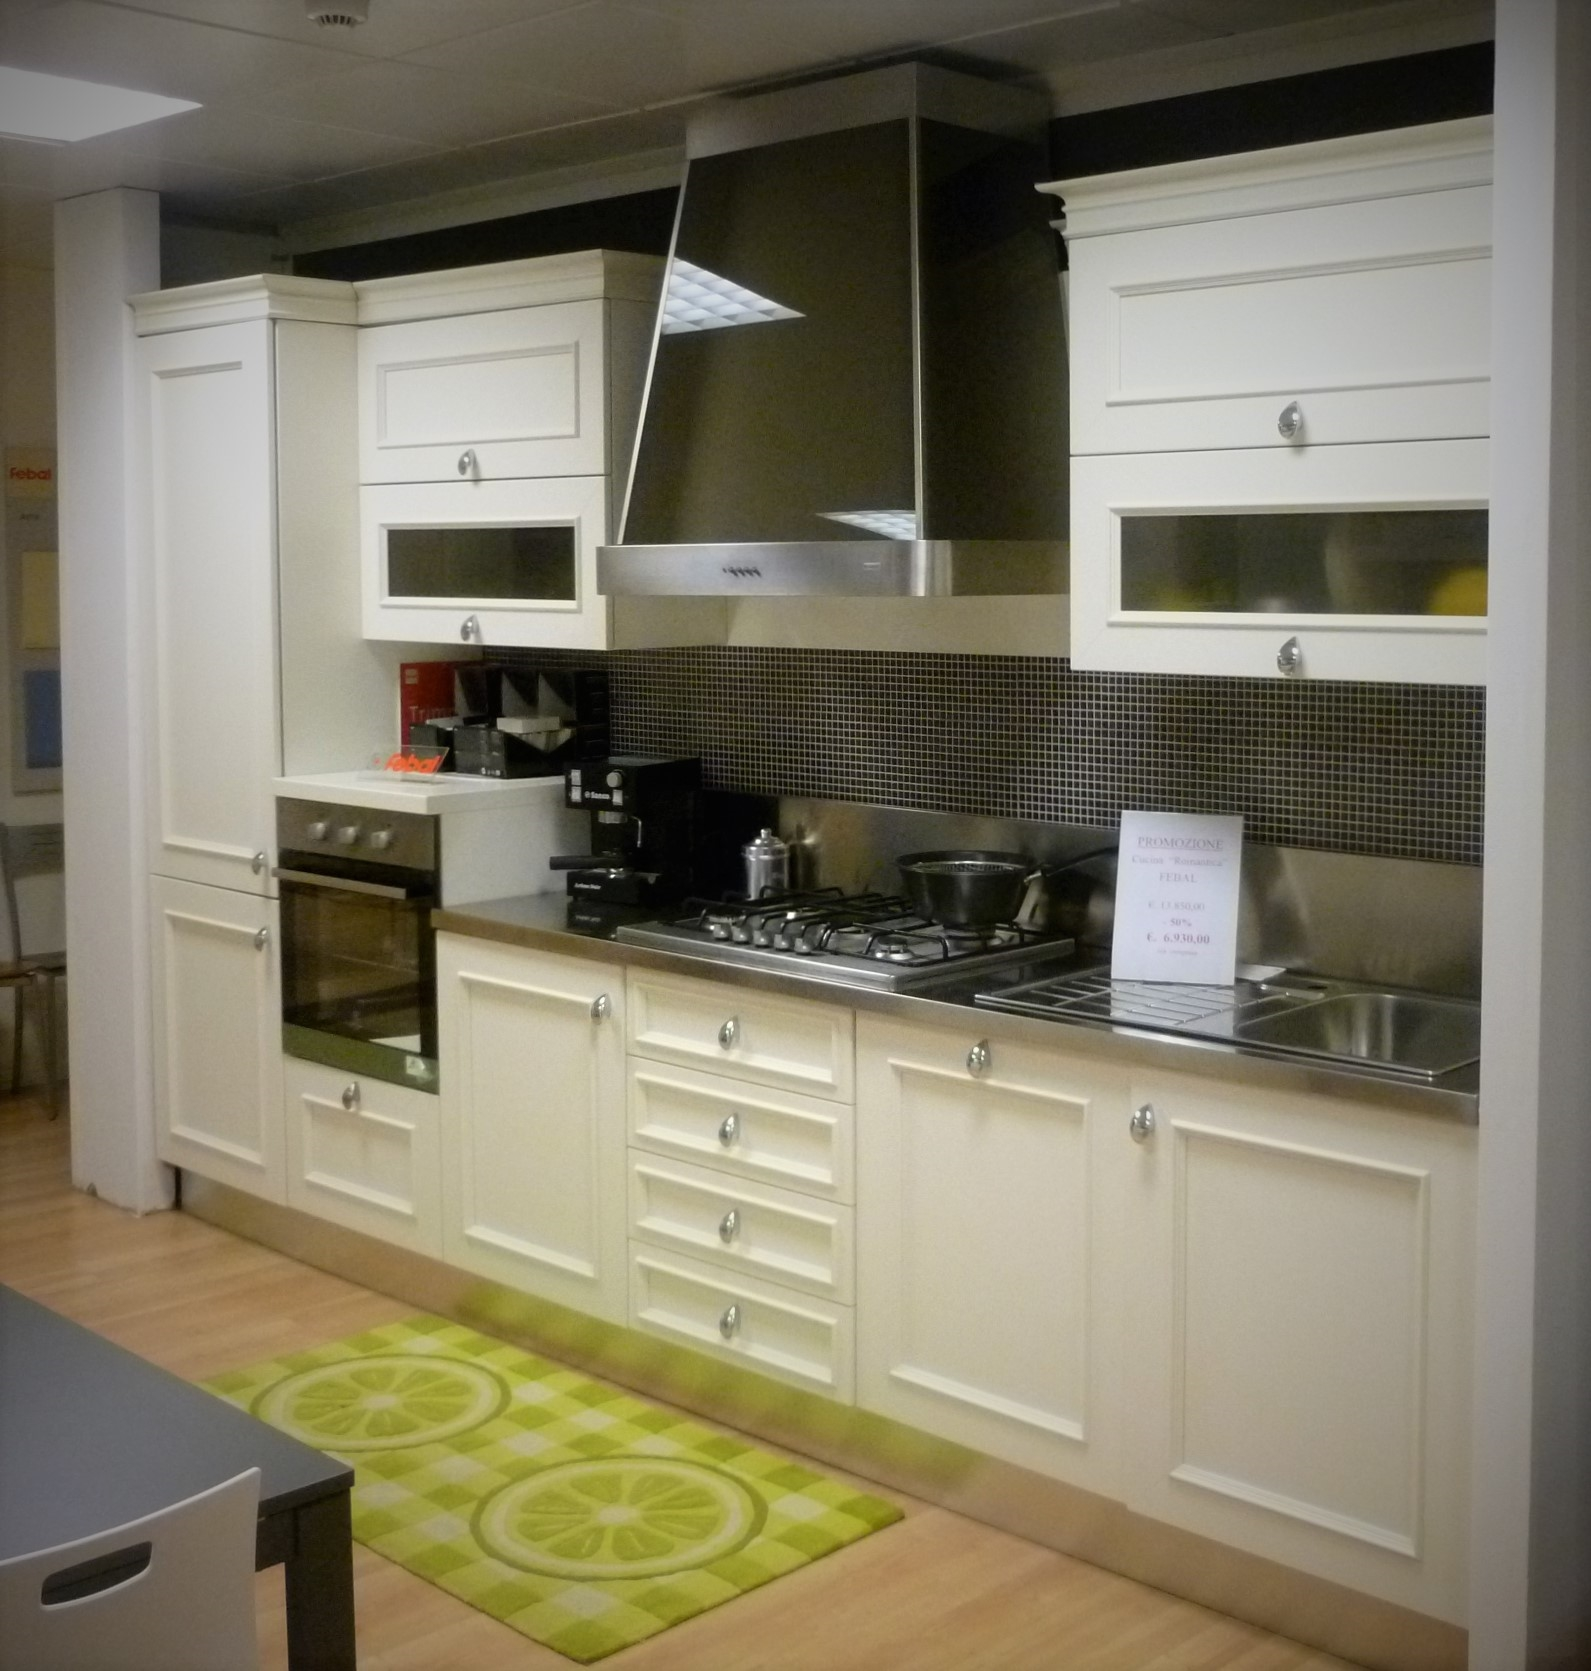 arredamento classico cucina | madgeweb.com idee di interior design - Arredamento Classico Romantico